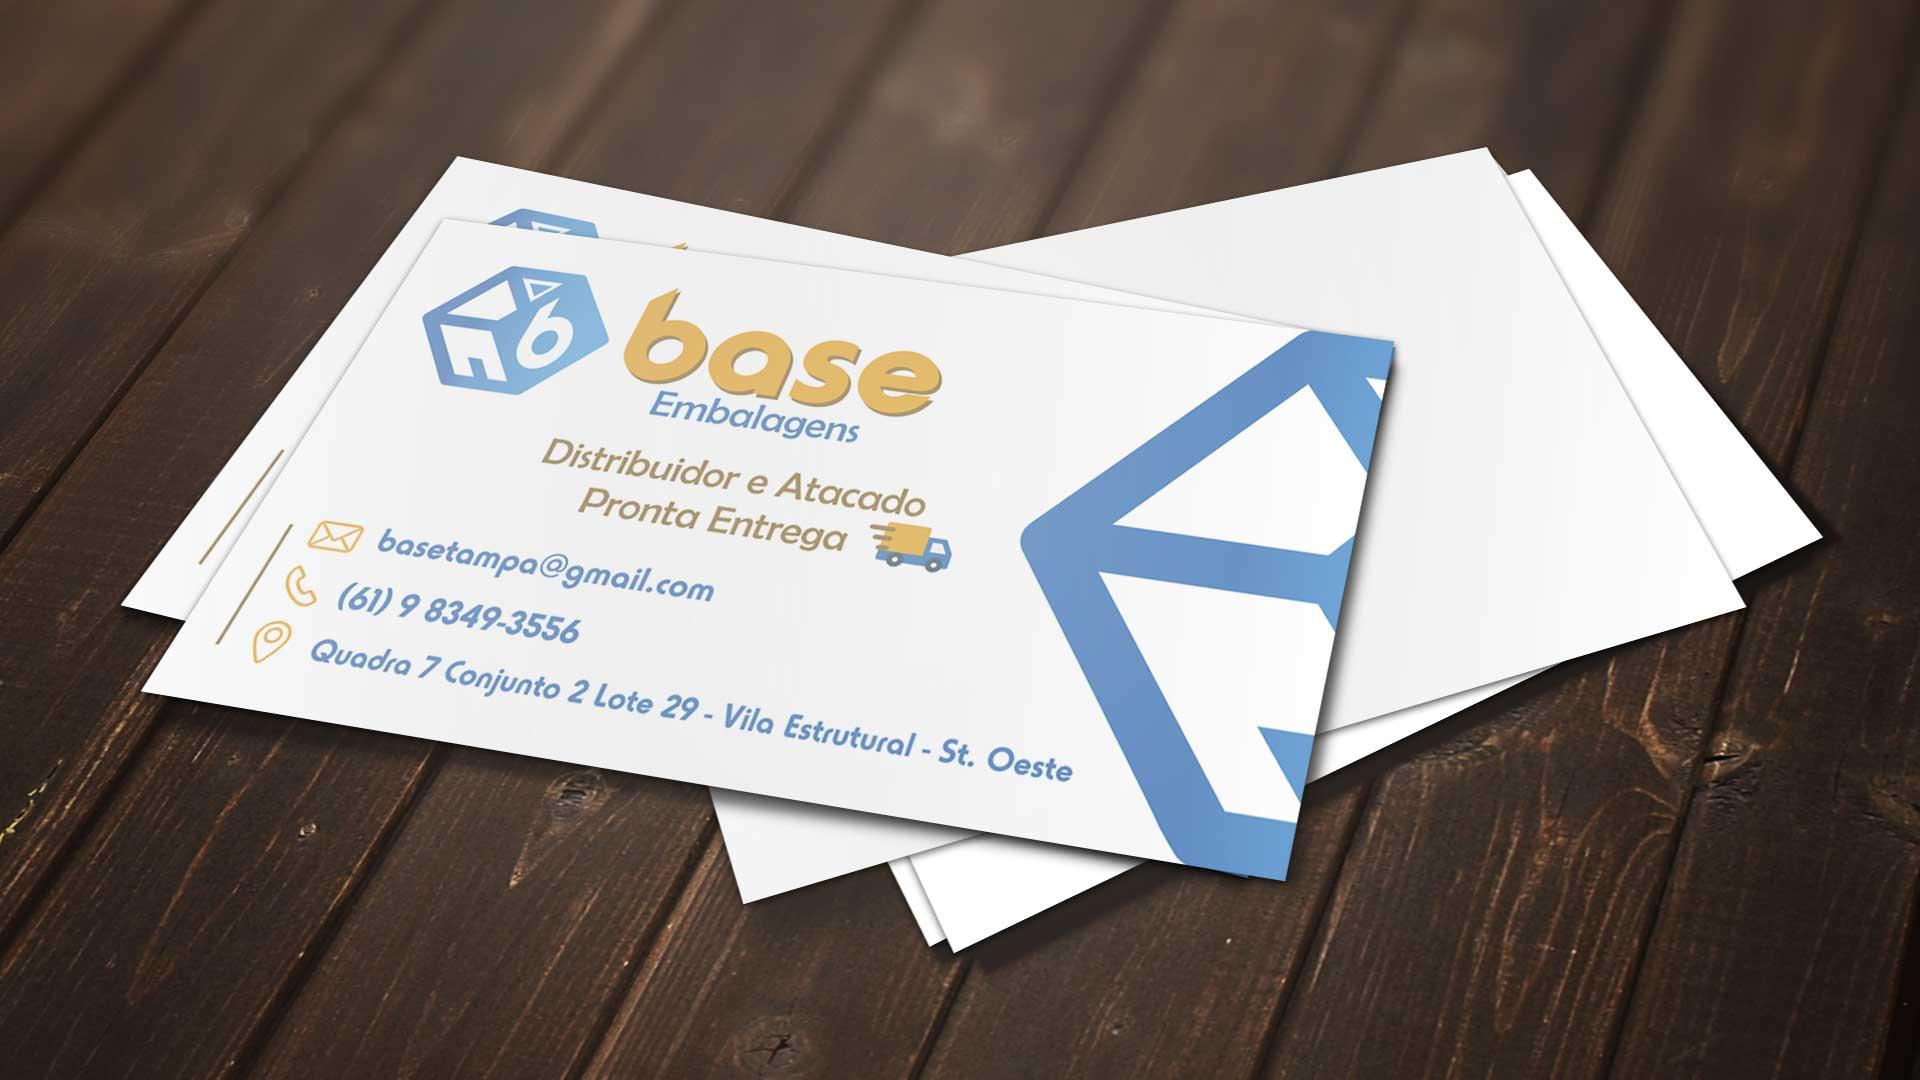 LDesigner - Cartão de Visita Base Embalagens